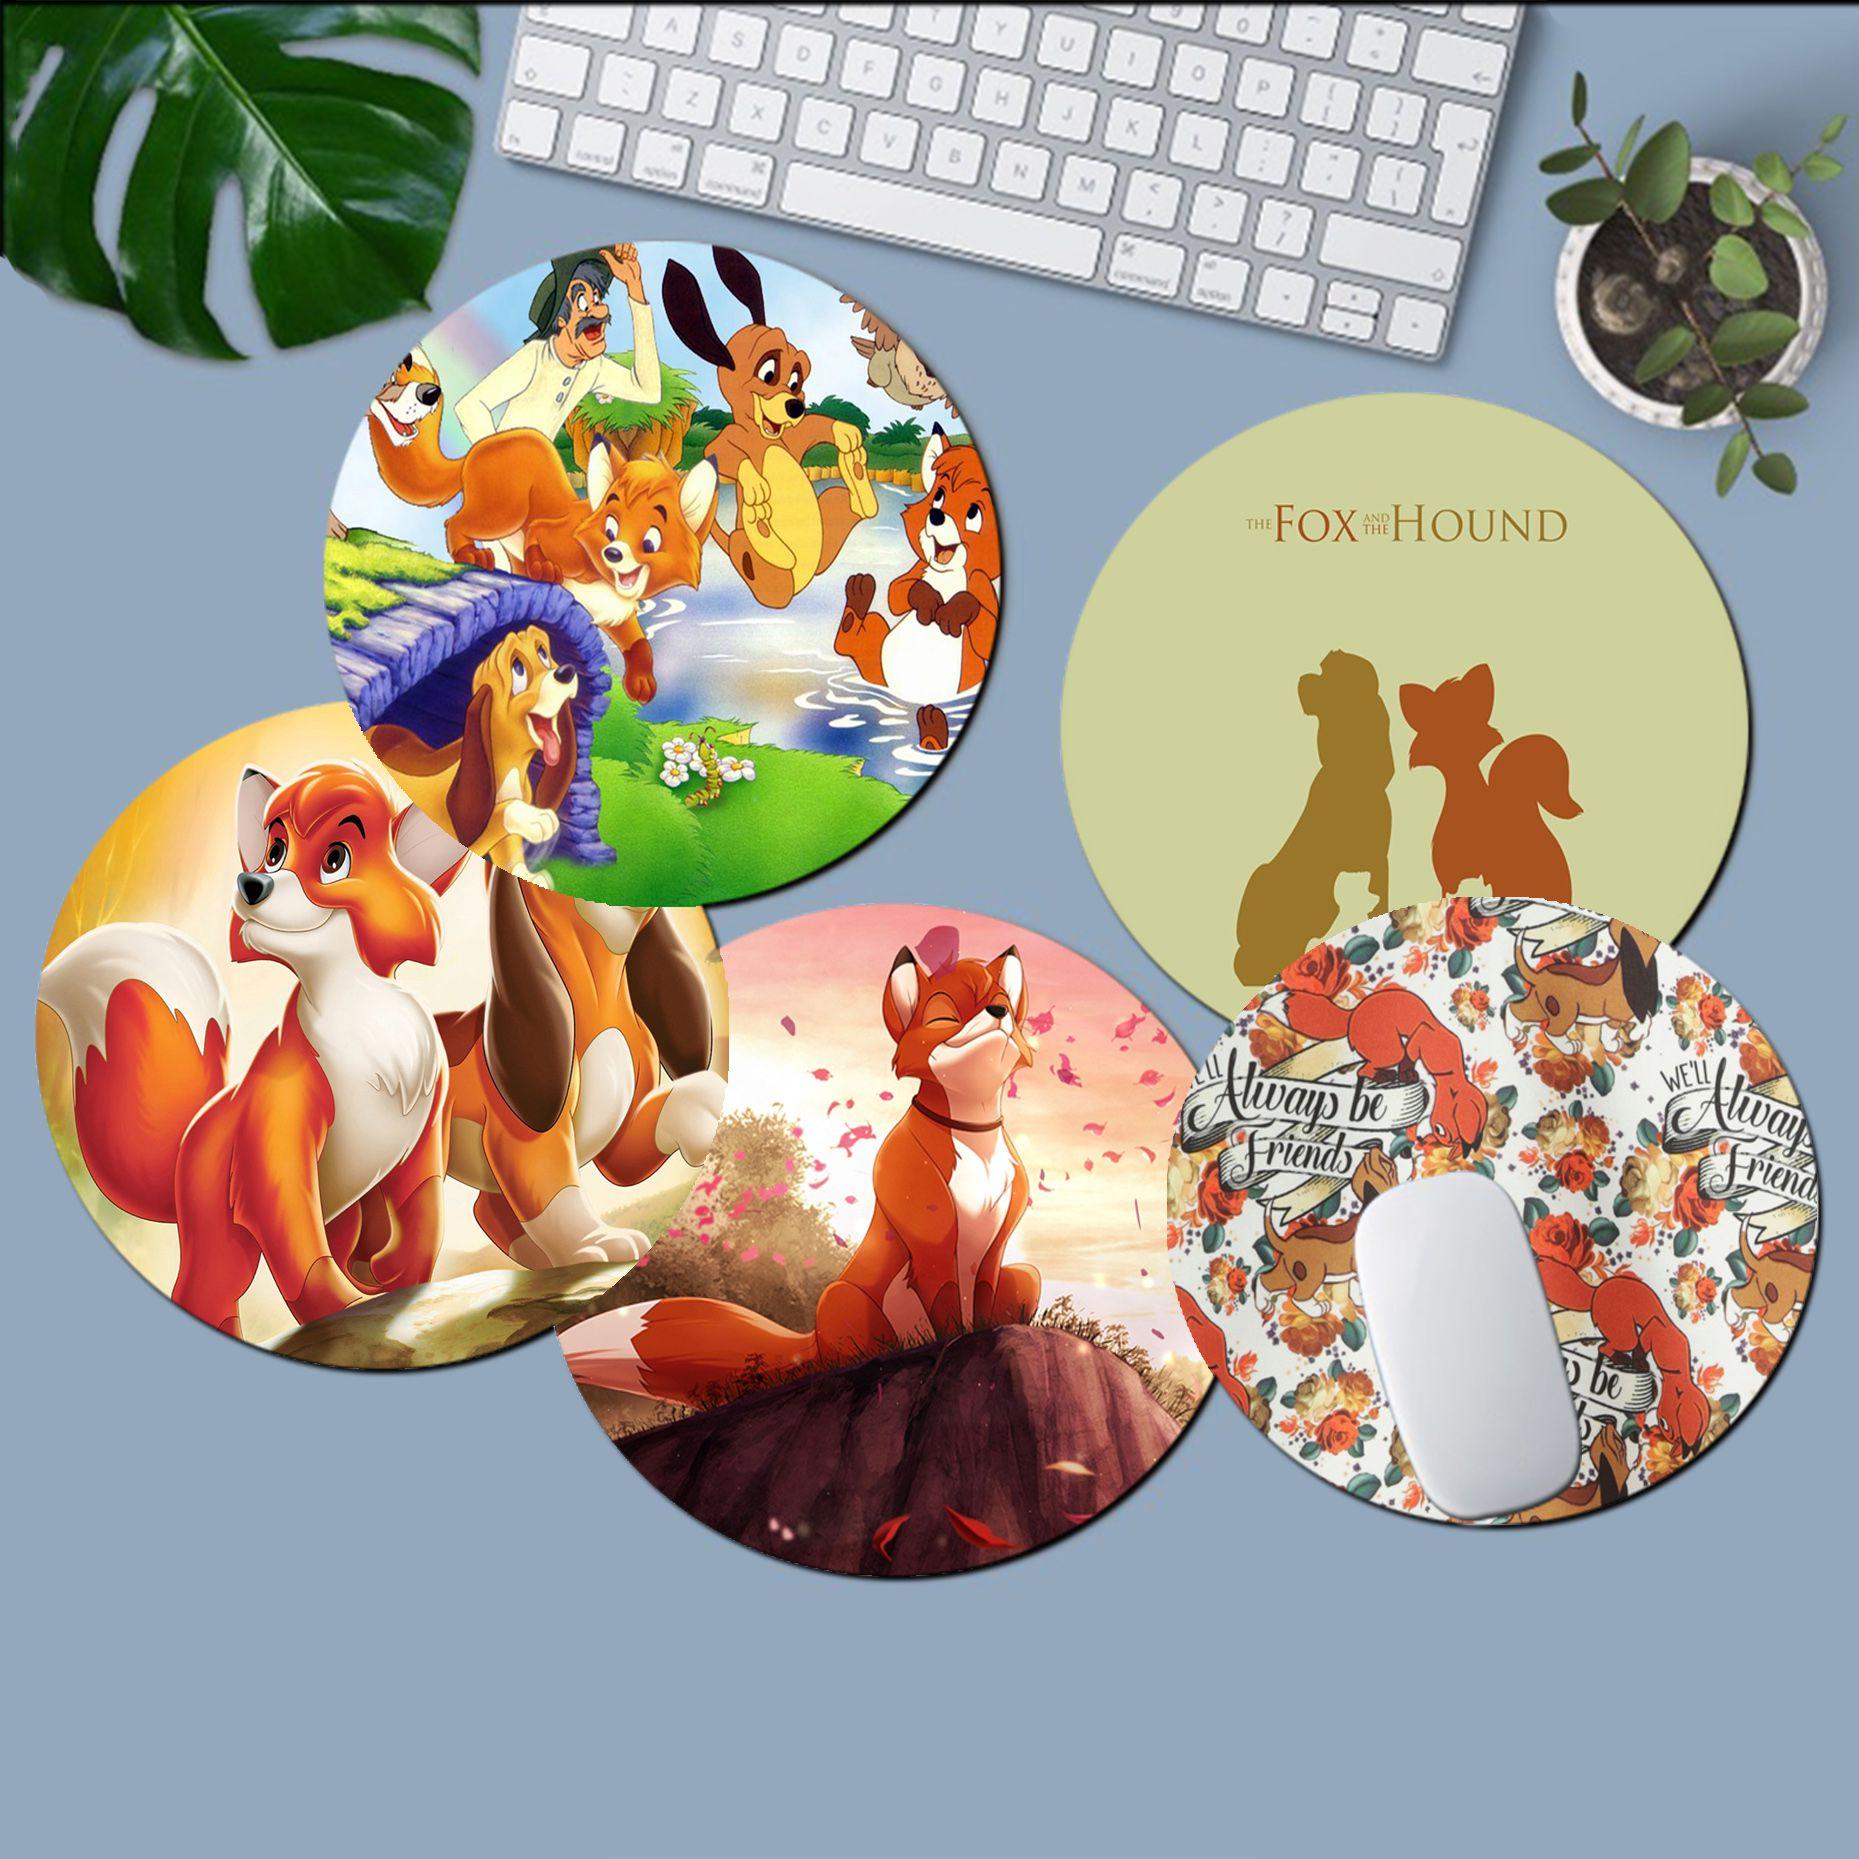 Уникальный Настольный коврик Disney «Лиса и собака», игровой коврик для мыши, компьютерный Настольный коврик для игр